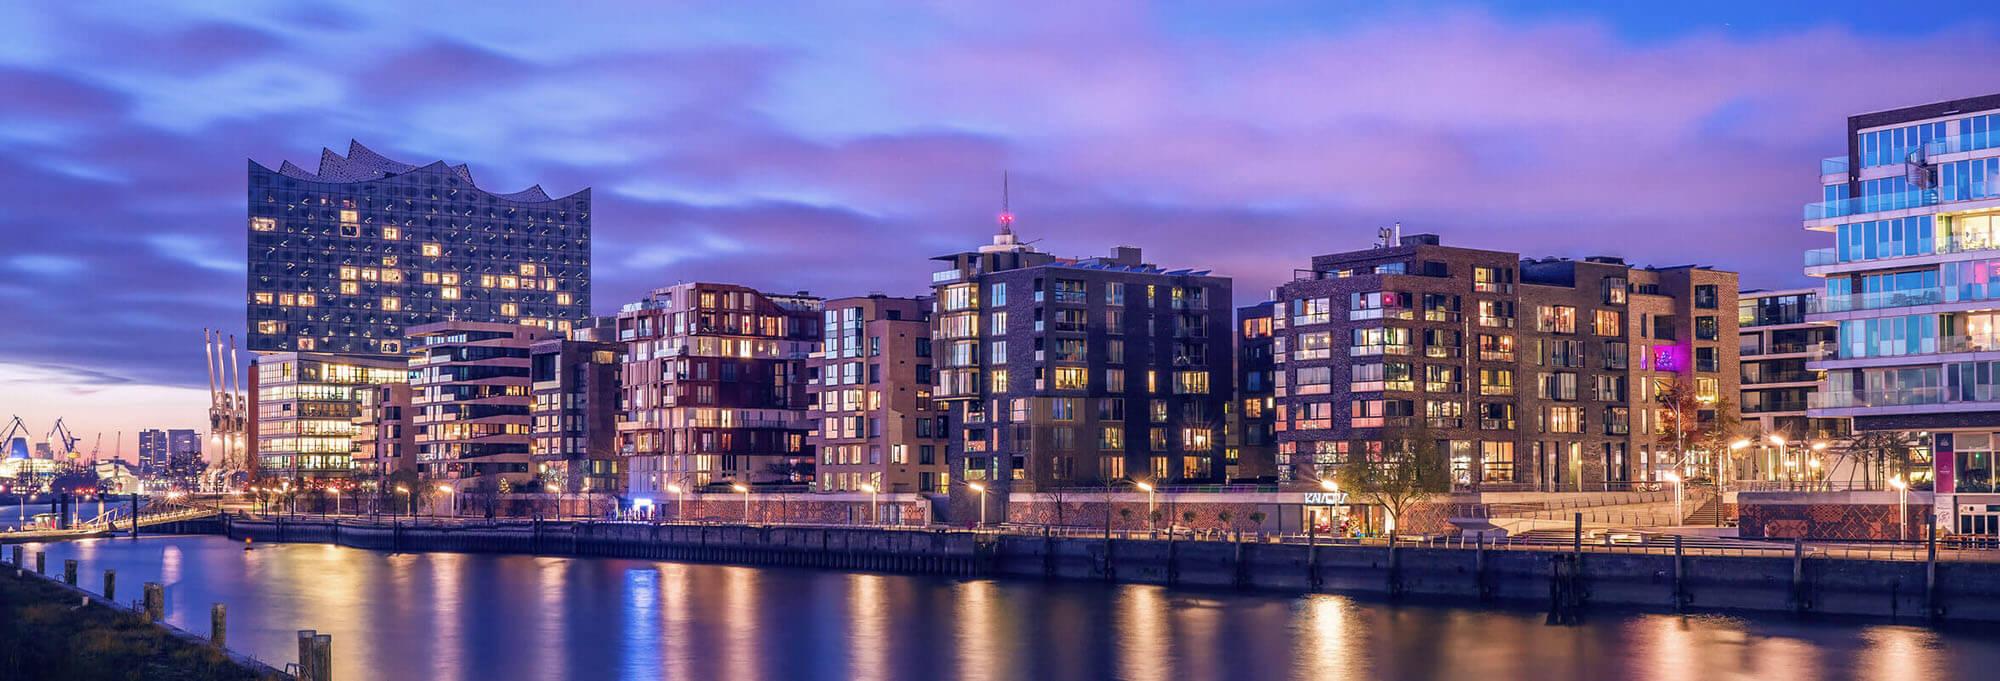 Fachanwälte in der Hafenstadt Hamburg